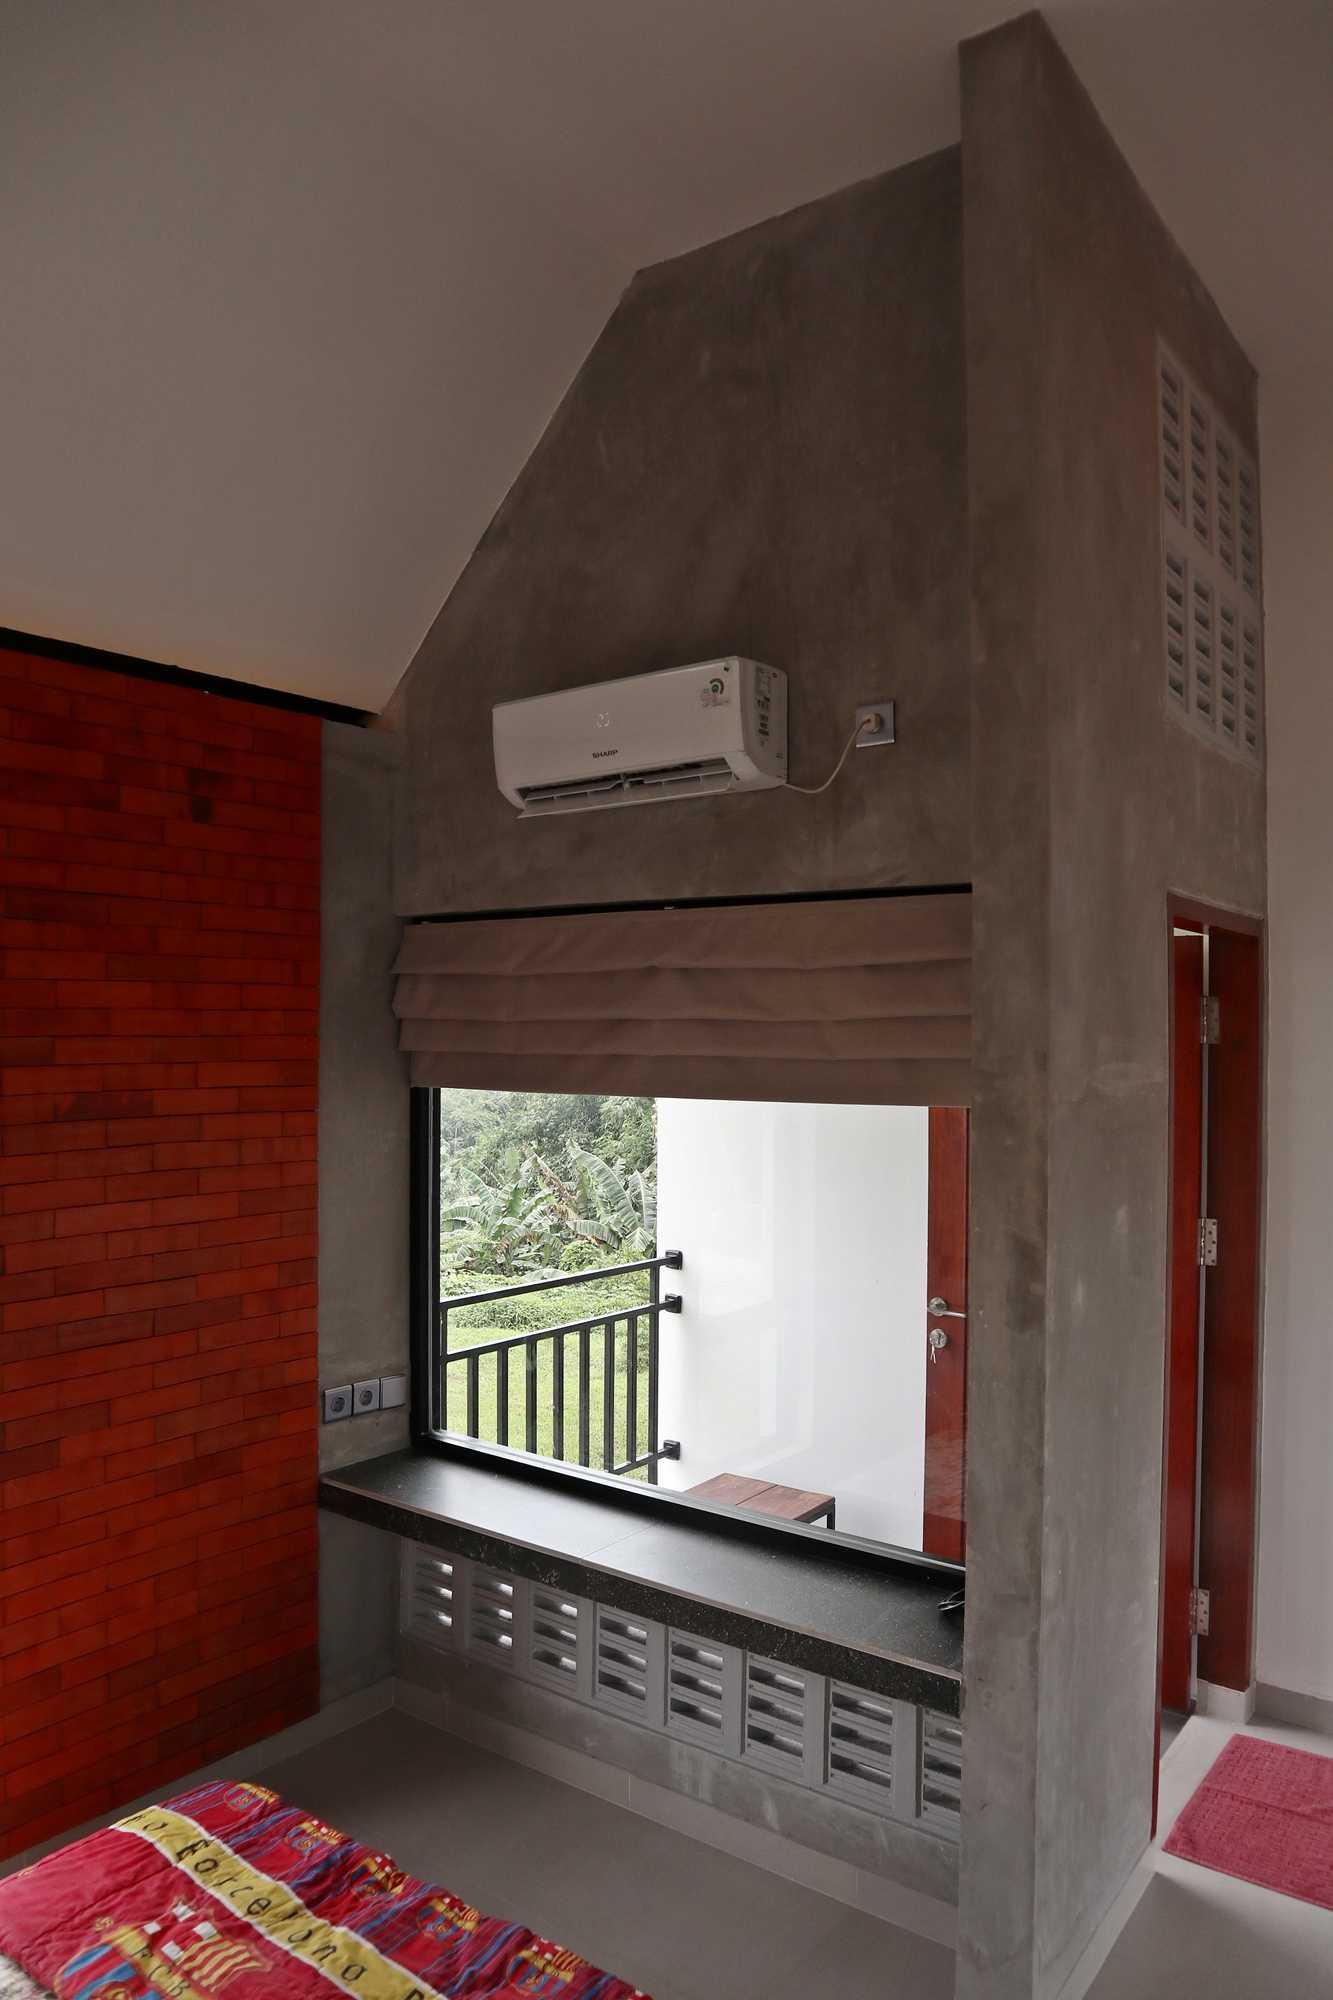 Bd Studio Je Villa House Medan, Kota Medan, Sumatera Utara, Indonesia Medan, Kota Medan, Sumatera Utara, Indonesia Bd-Studio-Je-Villa-House  74119